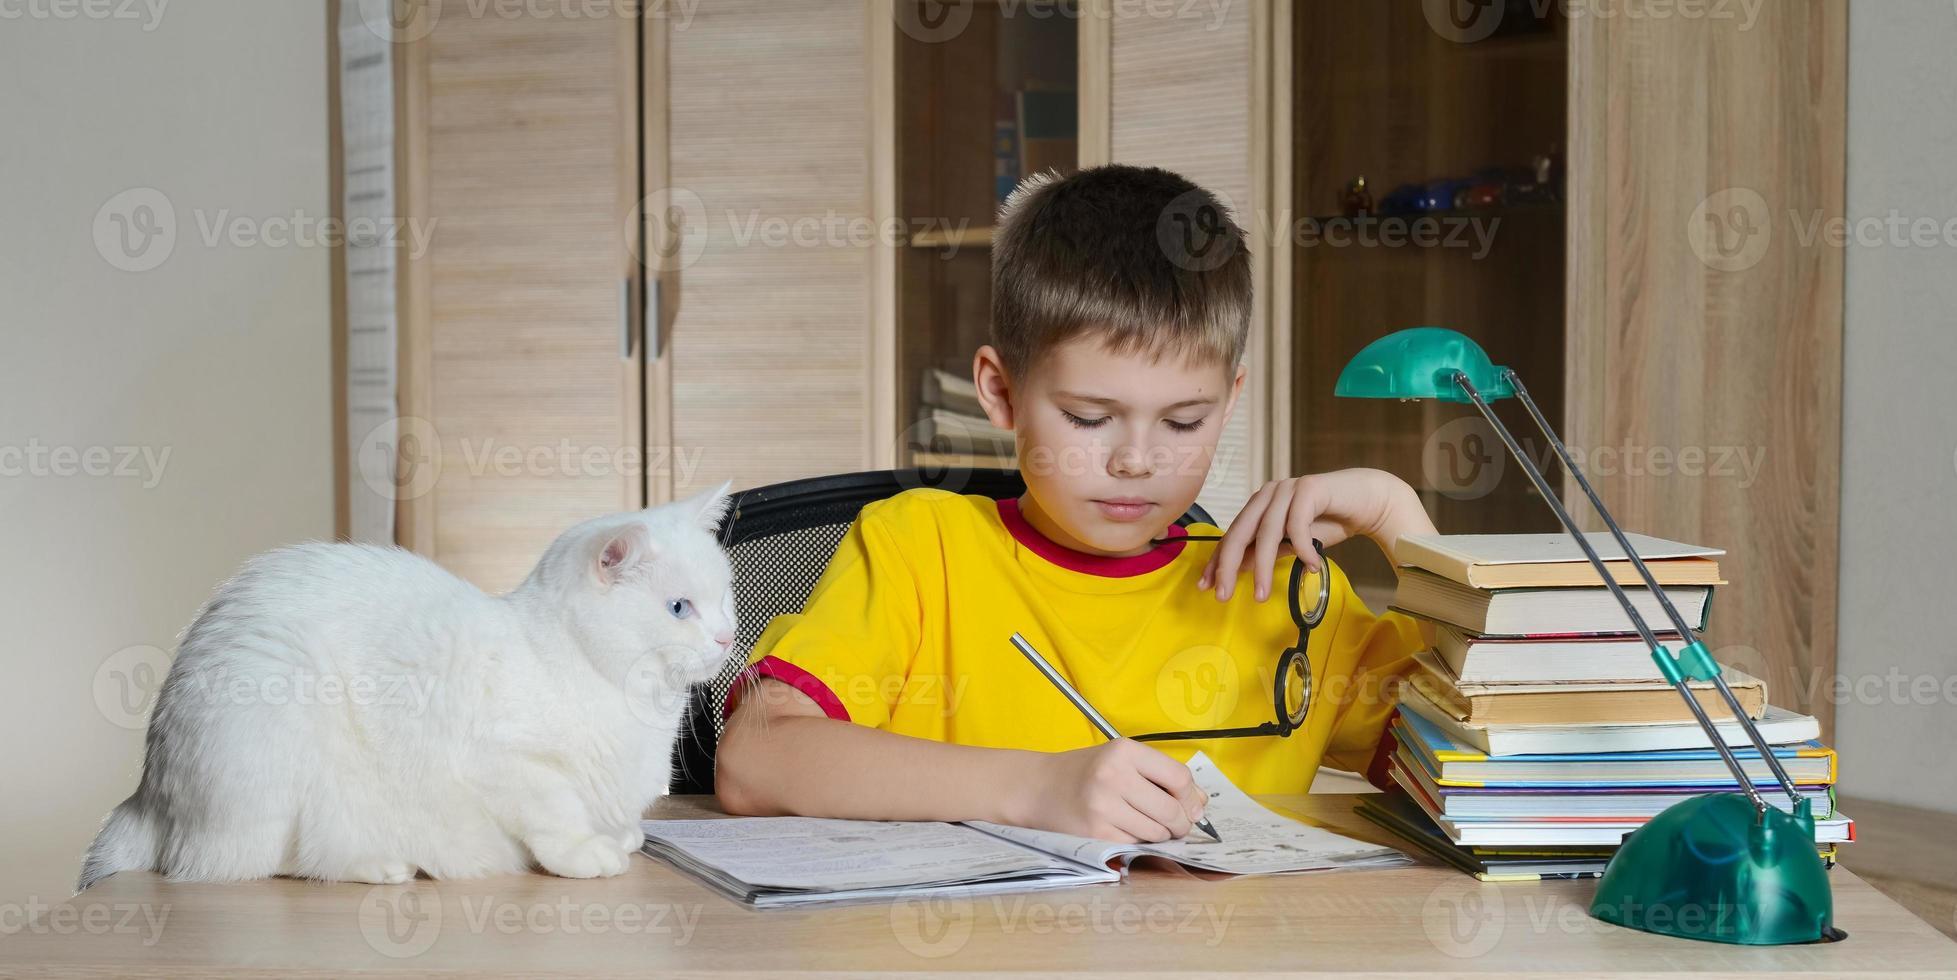 gelukkige jongen huiswerk met kat en boeken op tafel. foto